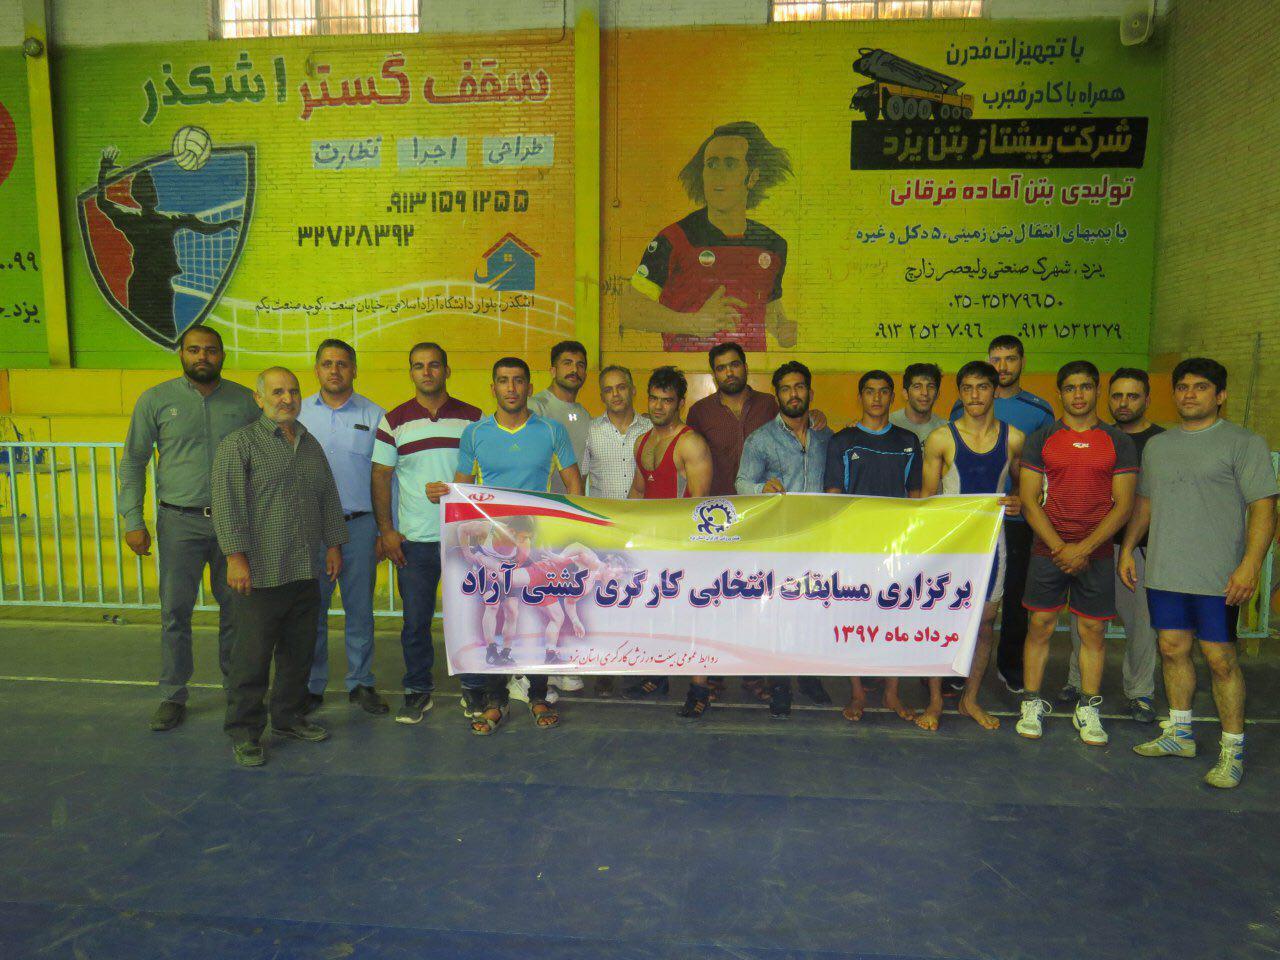 برگزاری مسابقات انتخابی کشتی آزاد کارگران استان یزد